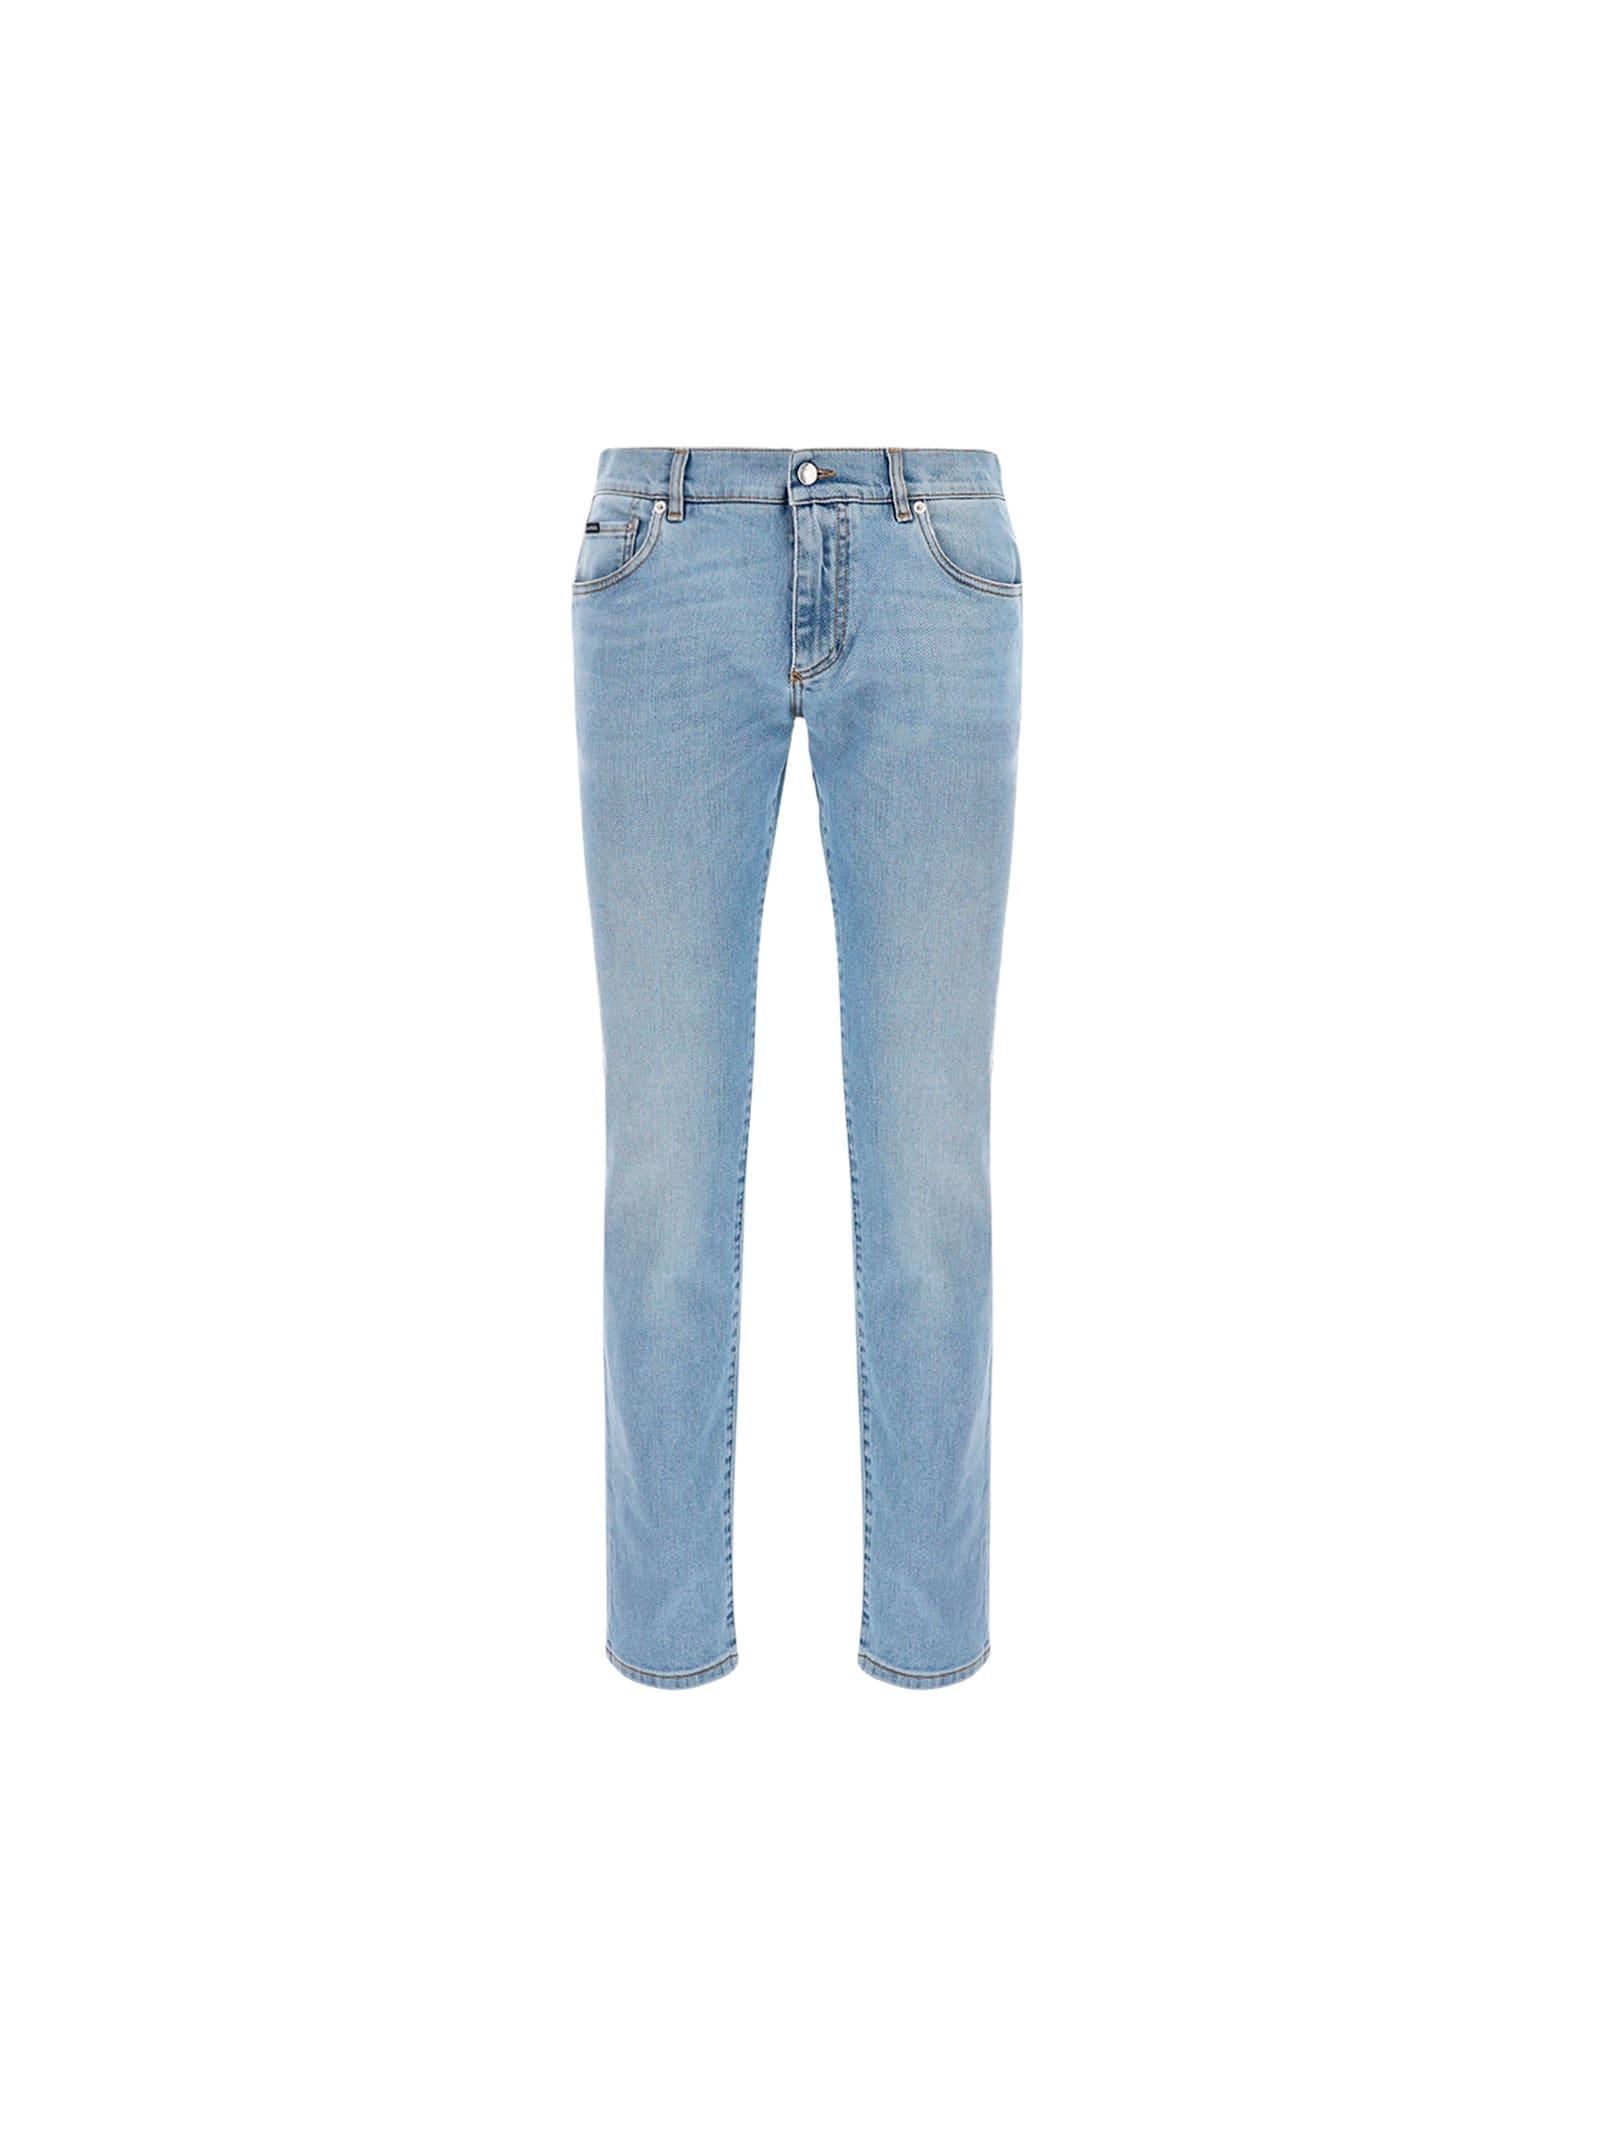 Dolce & Gabbana Dolce & Gabbana Jeans